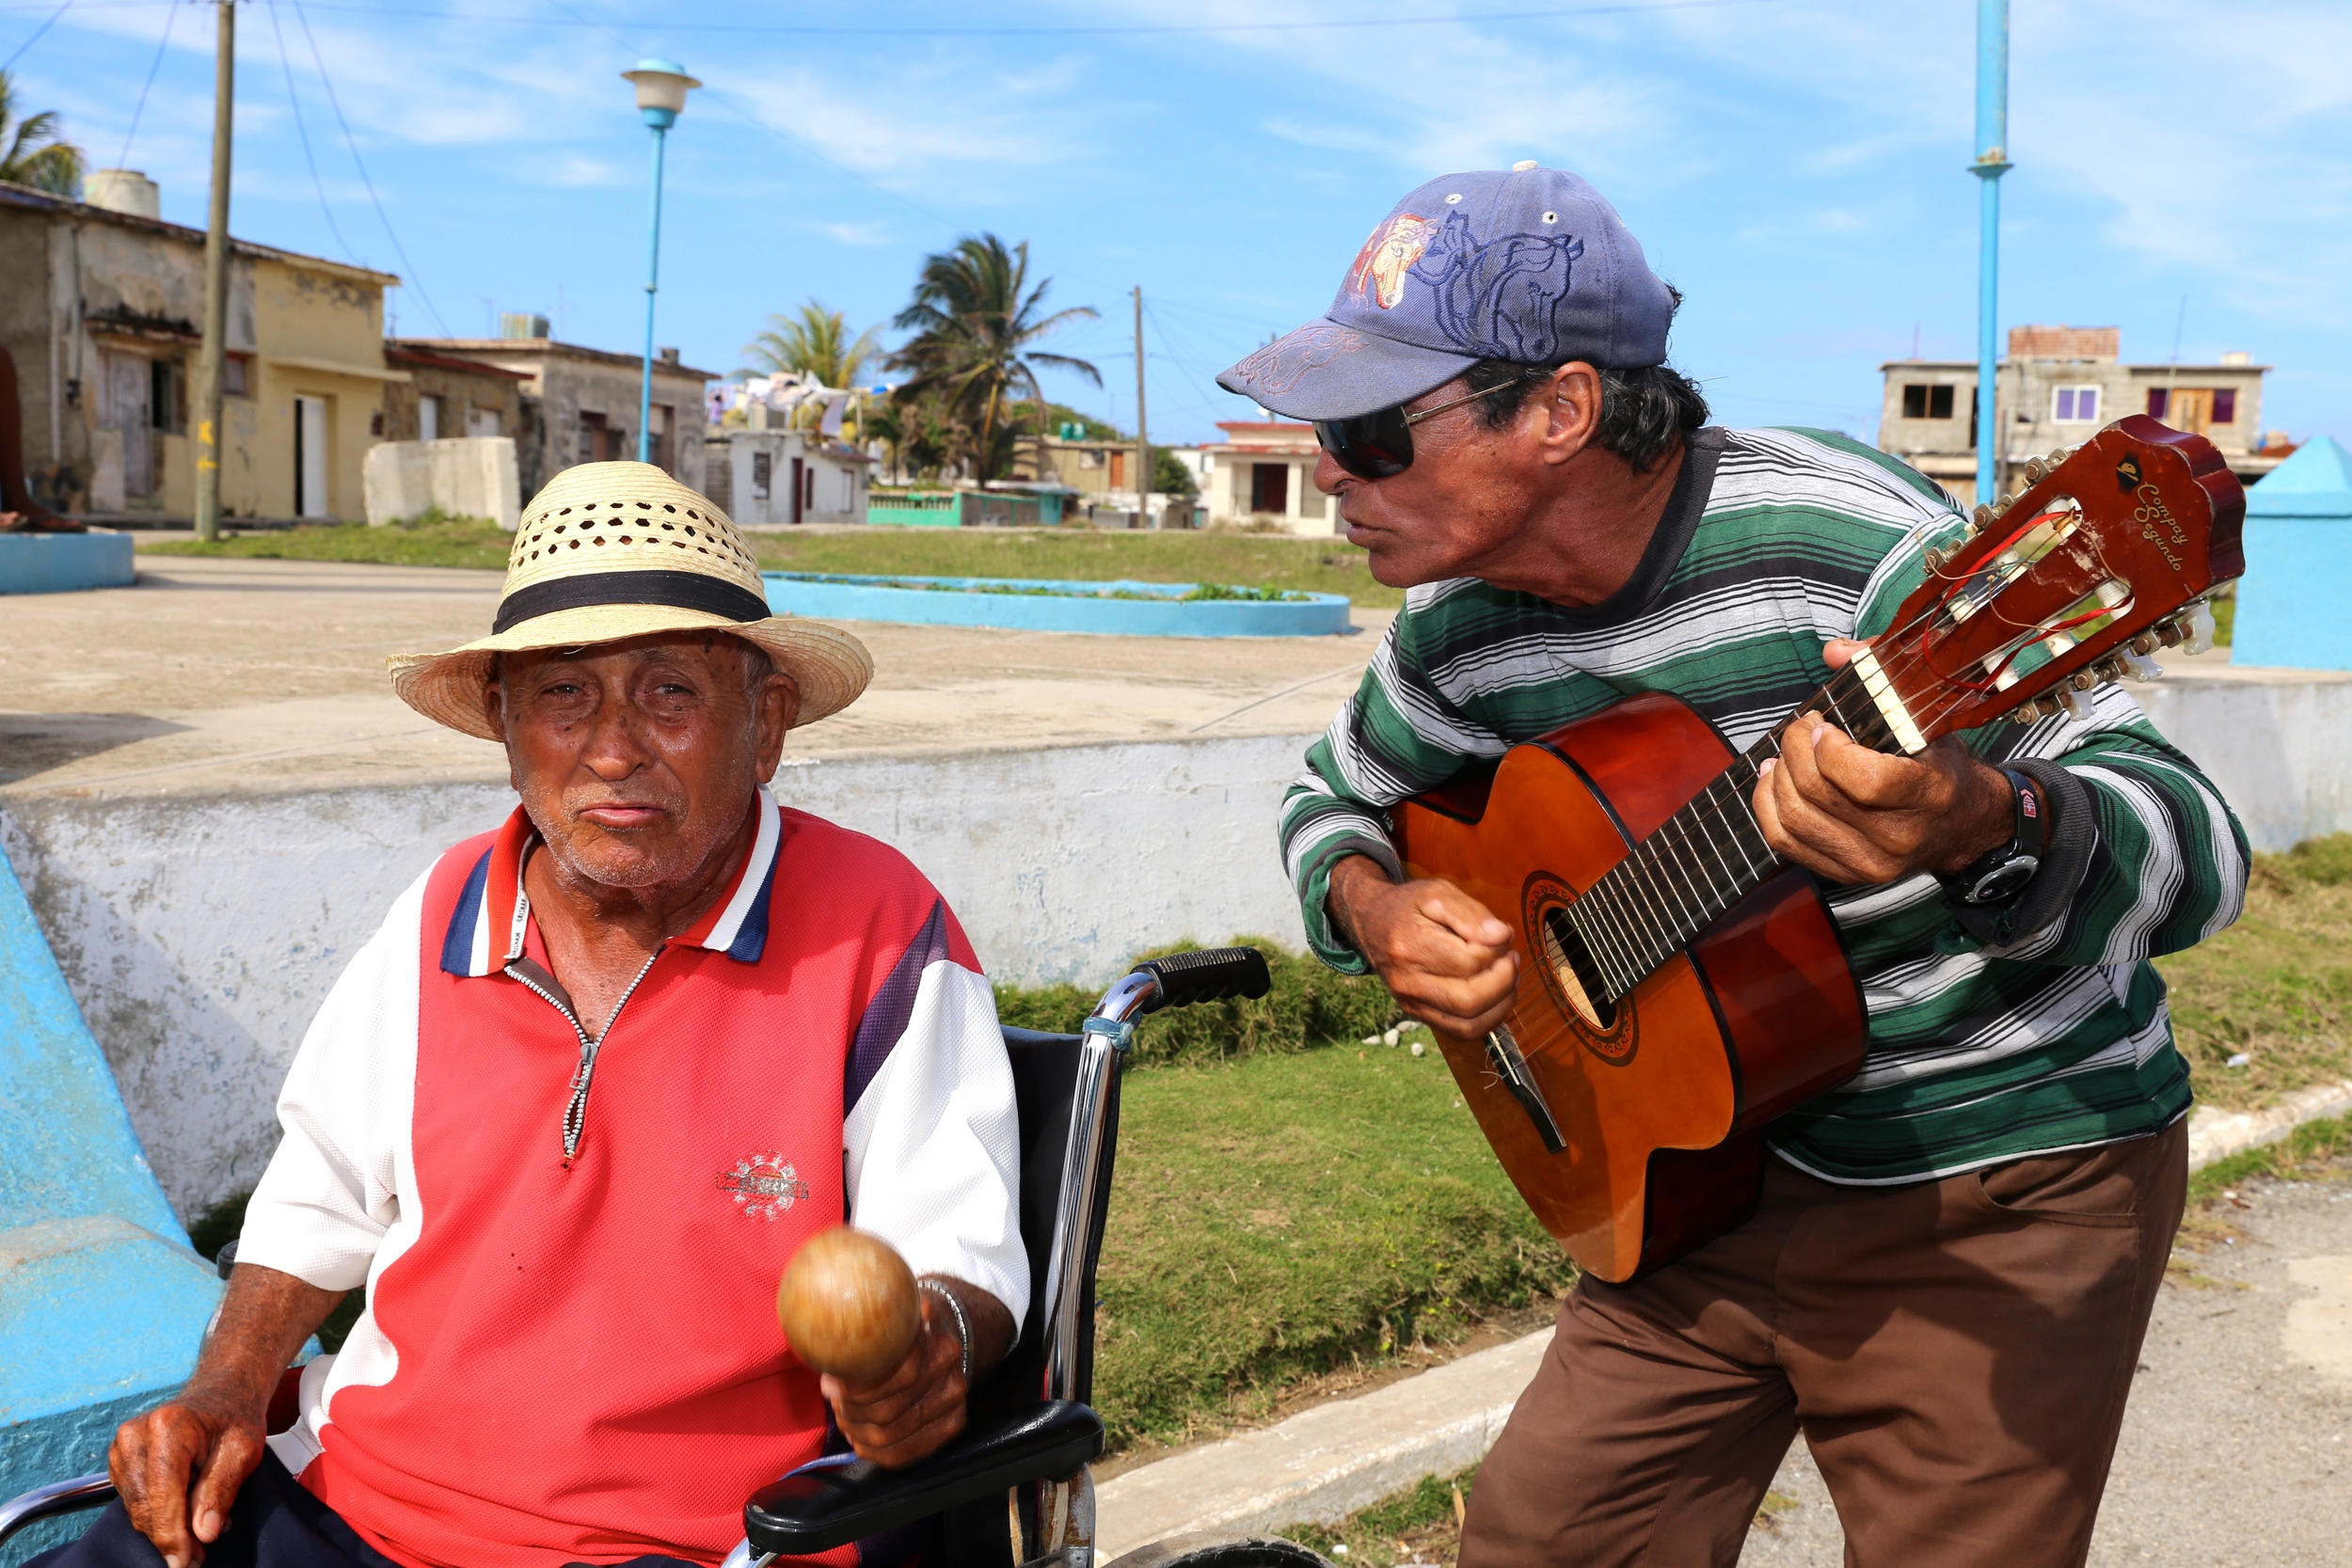 """Serenaded by this duo who sang, """"Bailando"""" by Enrique Iglesias"""